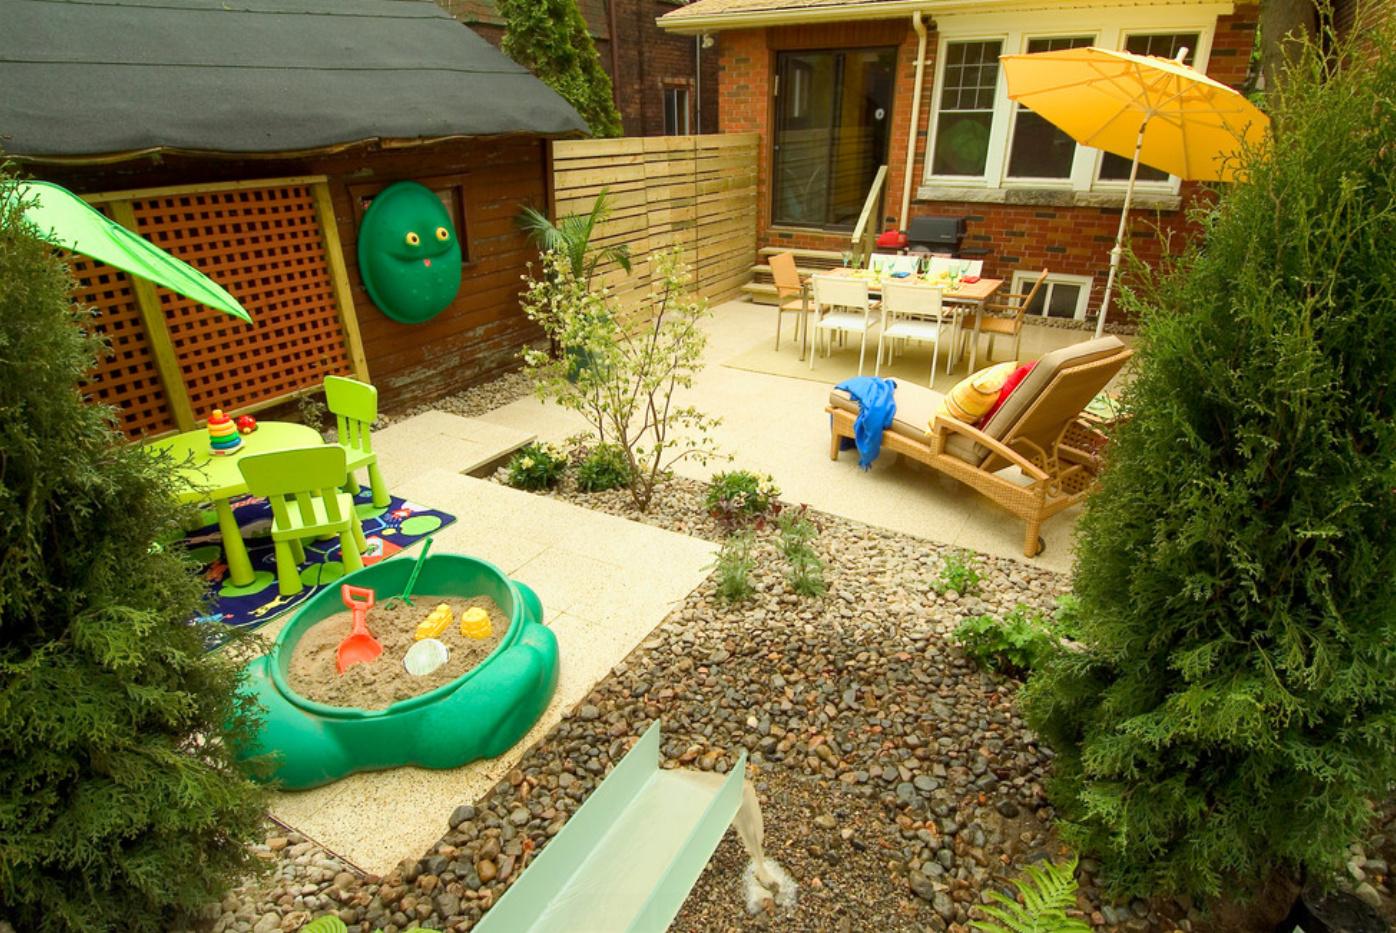 Дизайн маленького двора с детской зоной и зоной отдыха